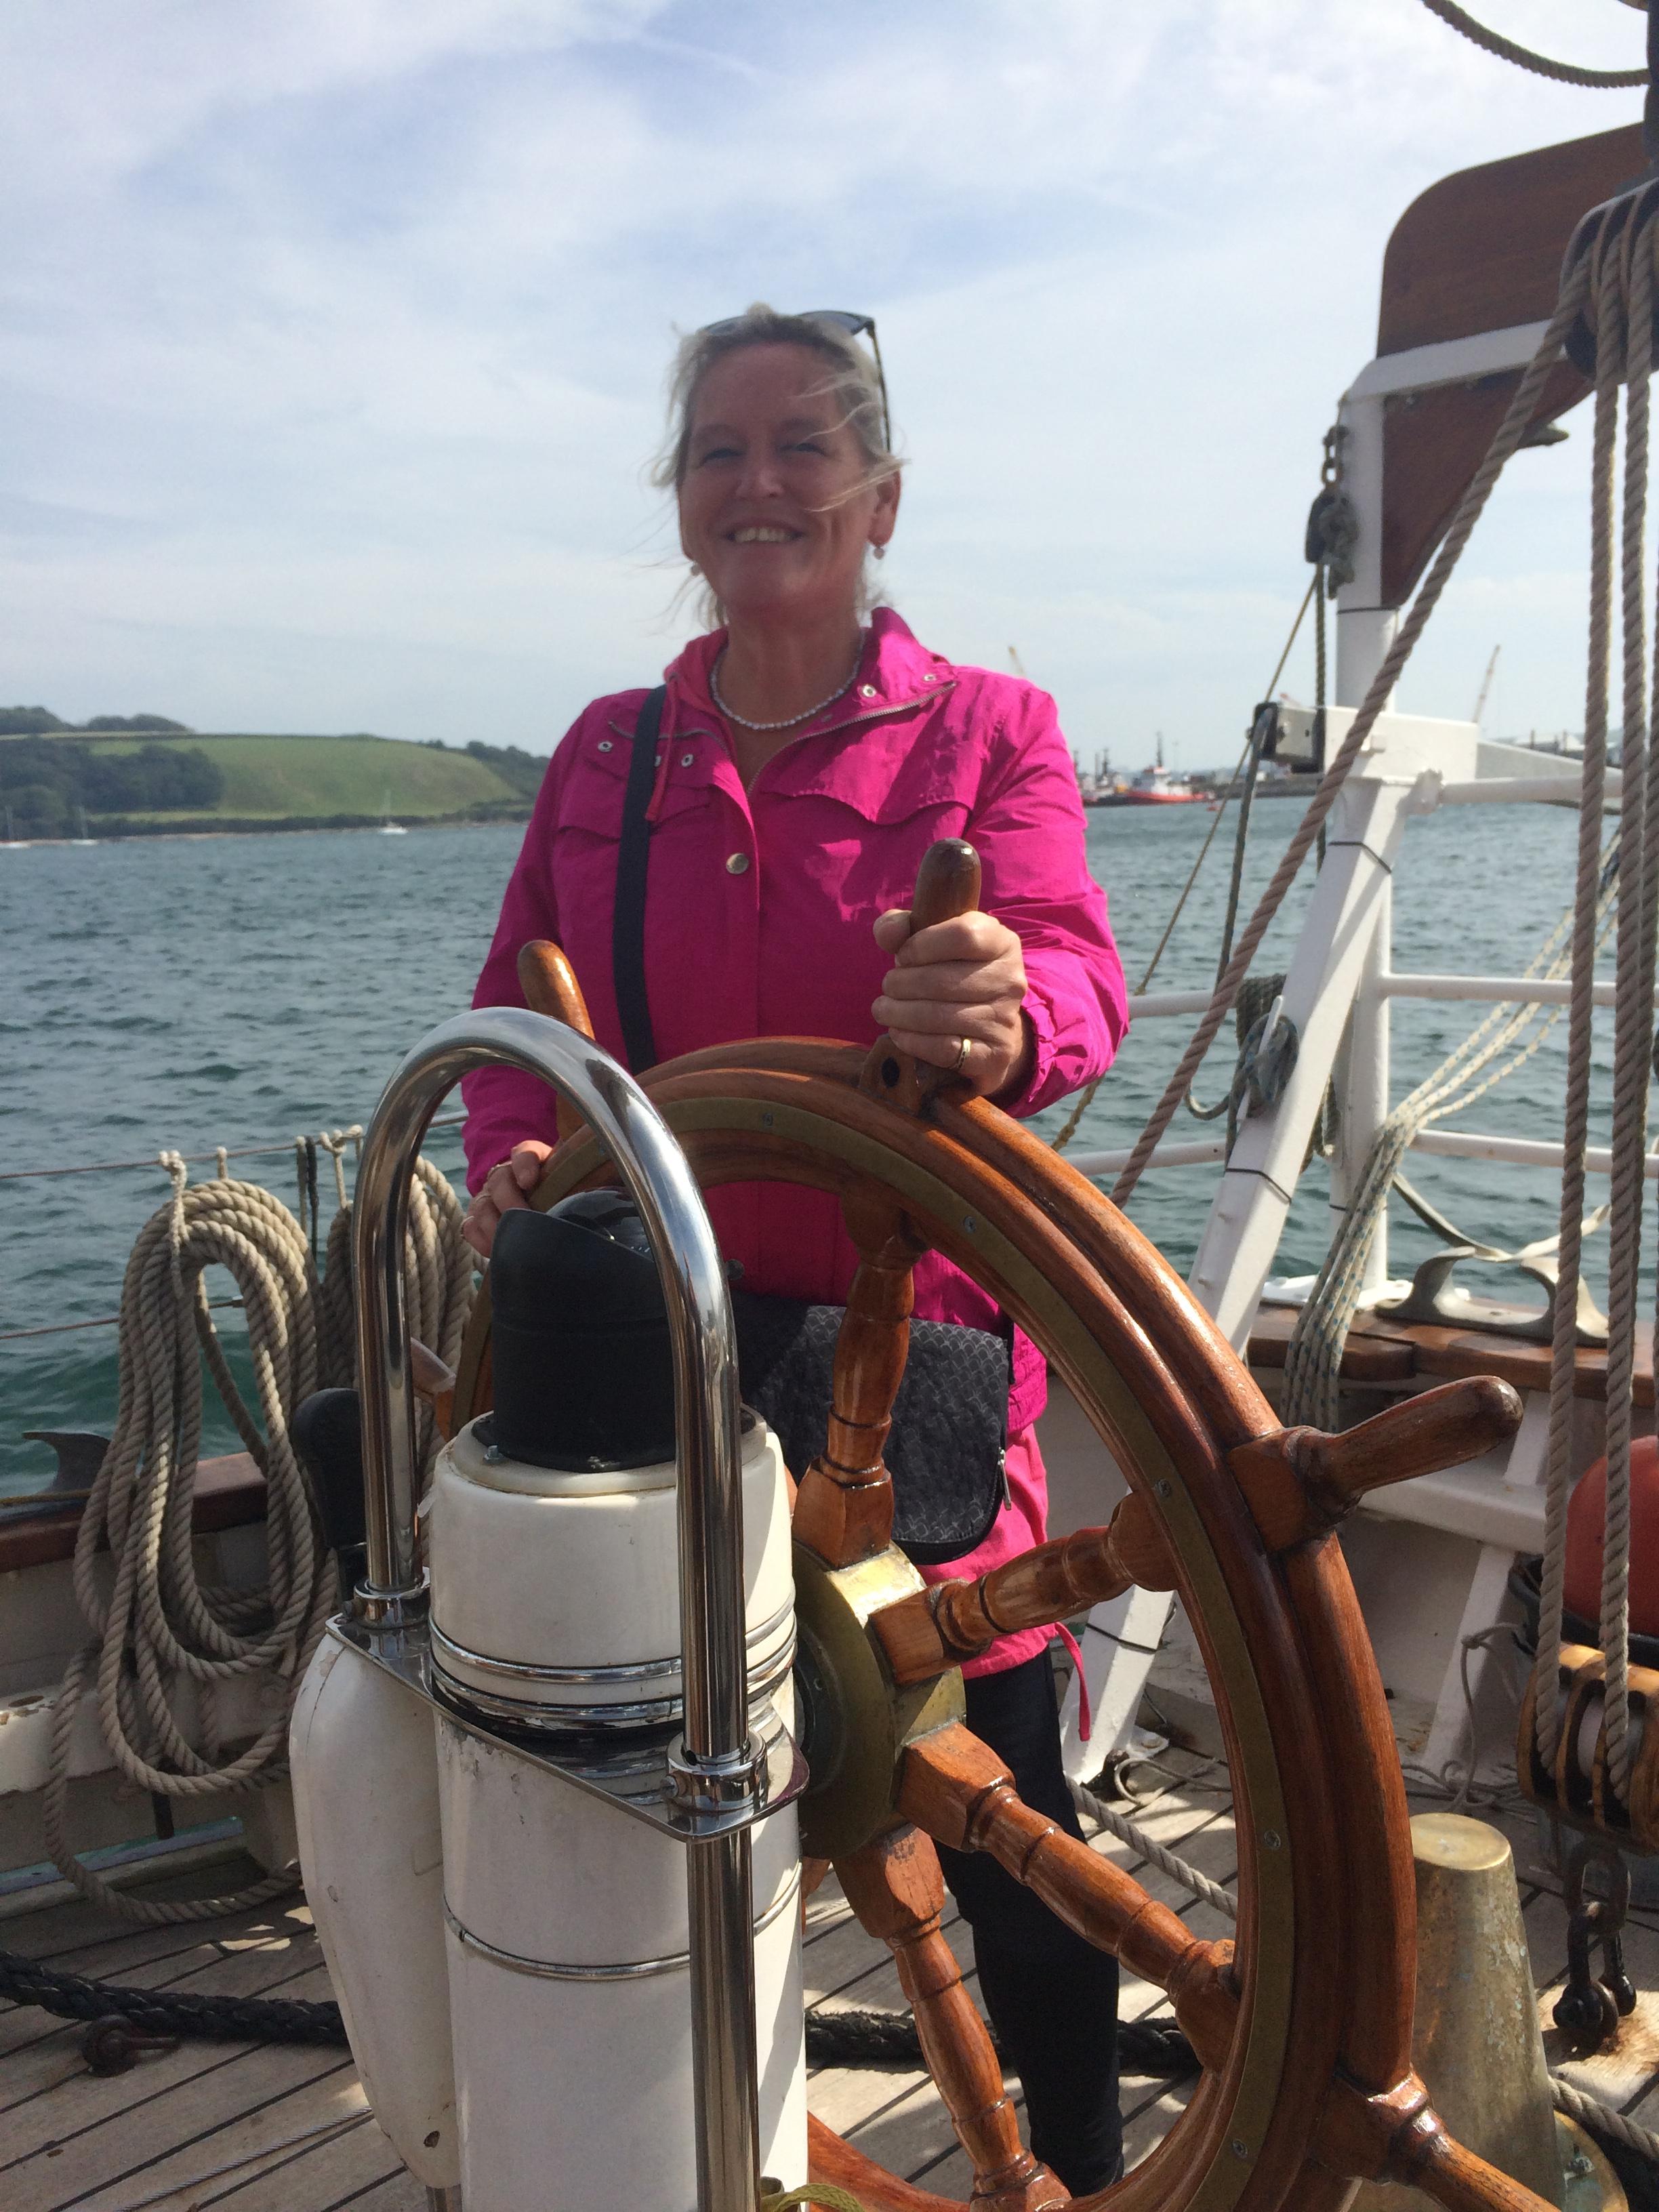 Sara Austin at the Helm